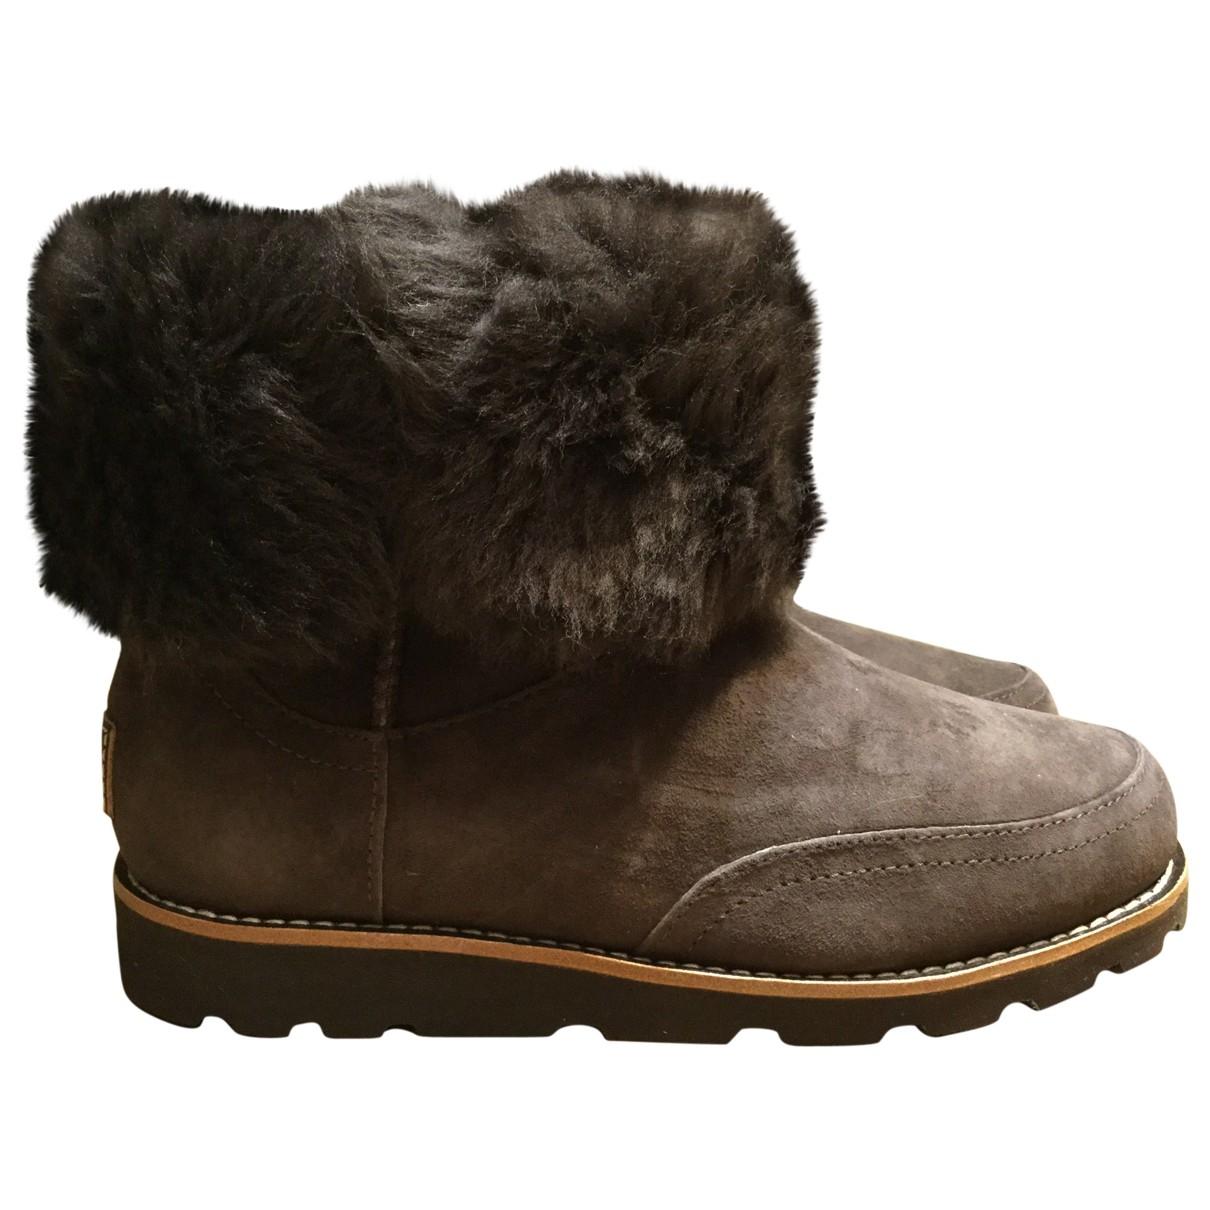 Ugg - Boots   pour femme en suede - marron